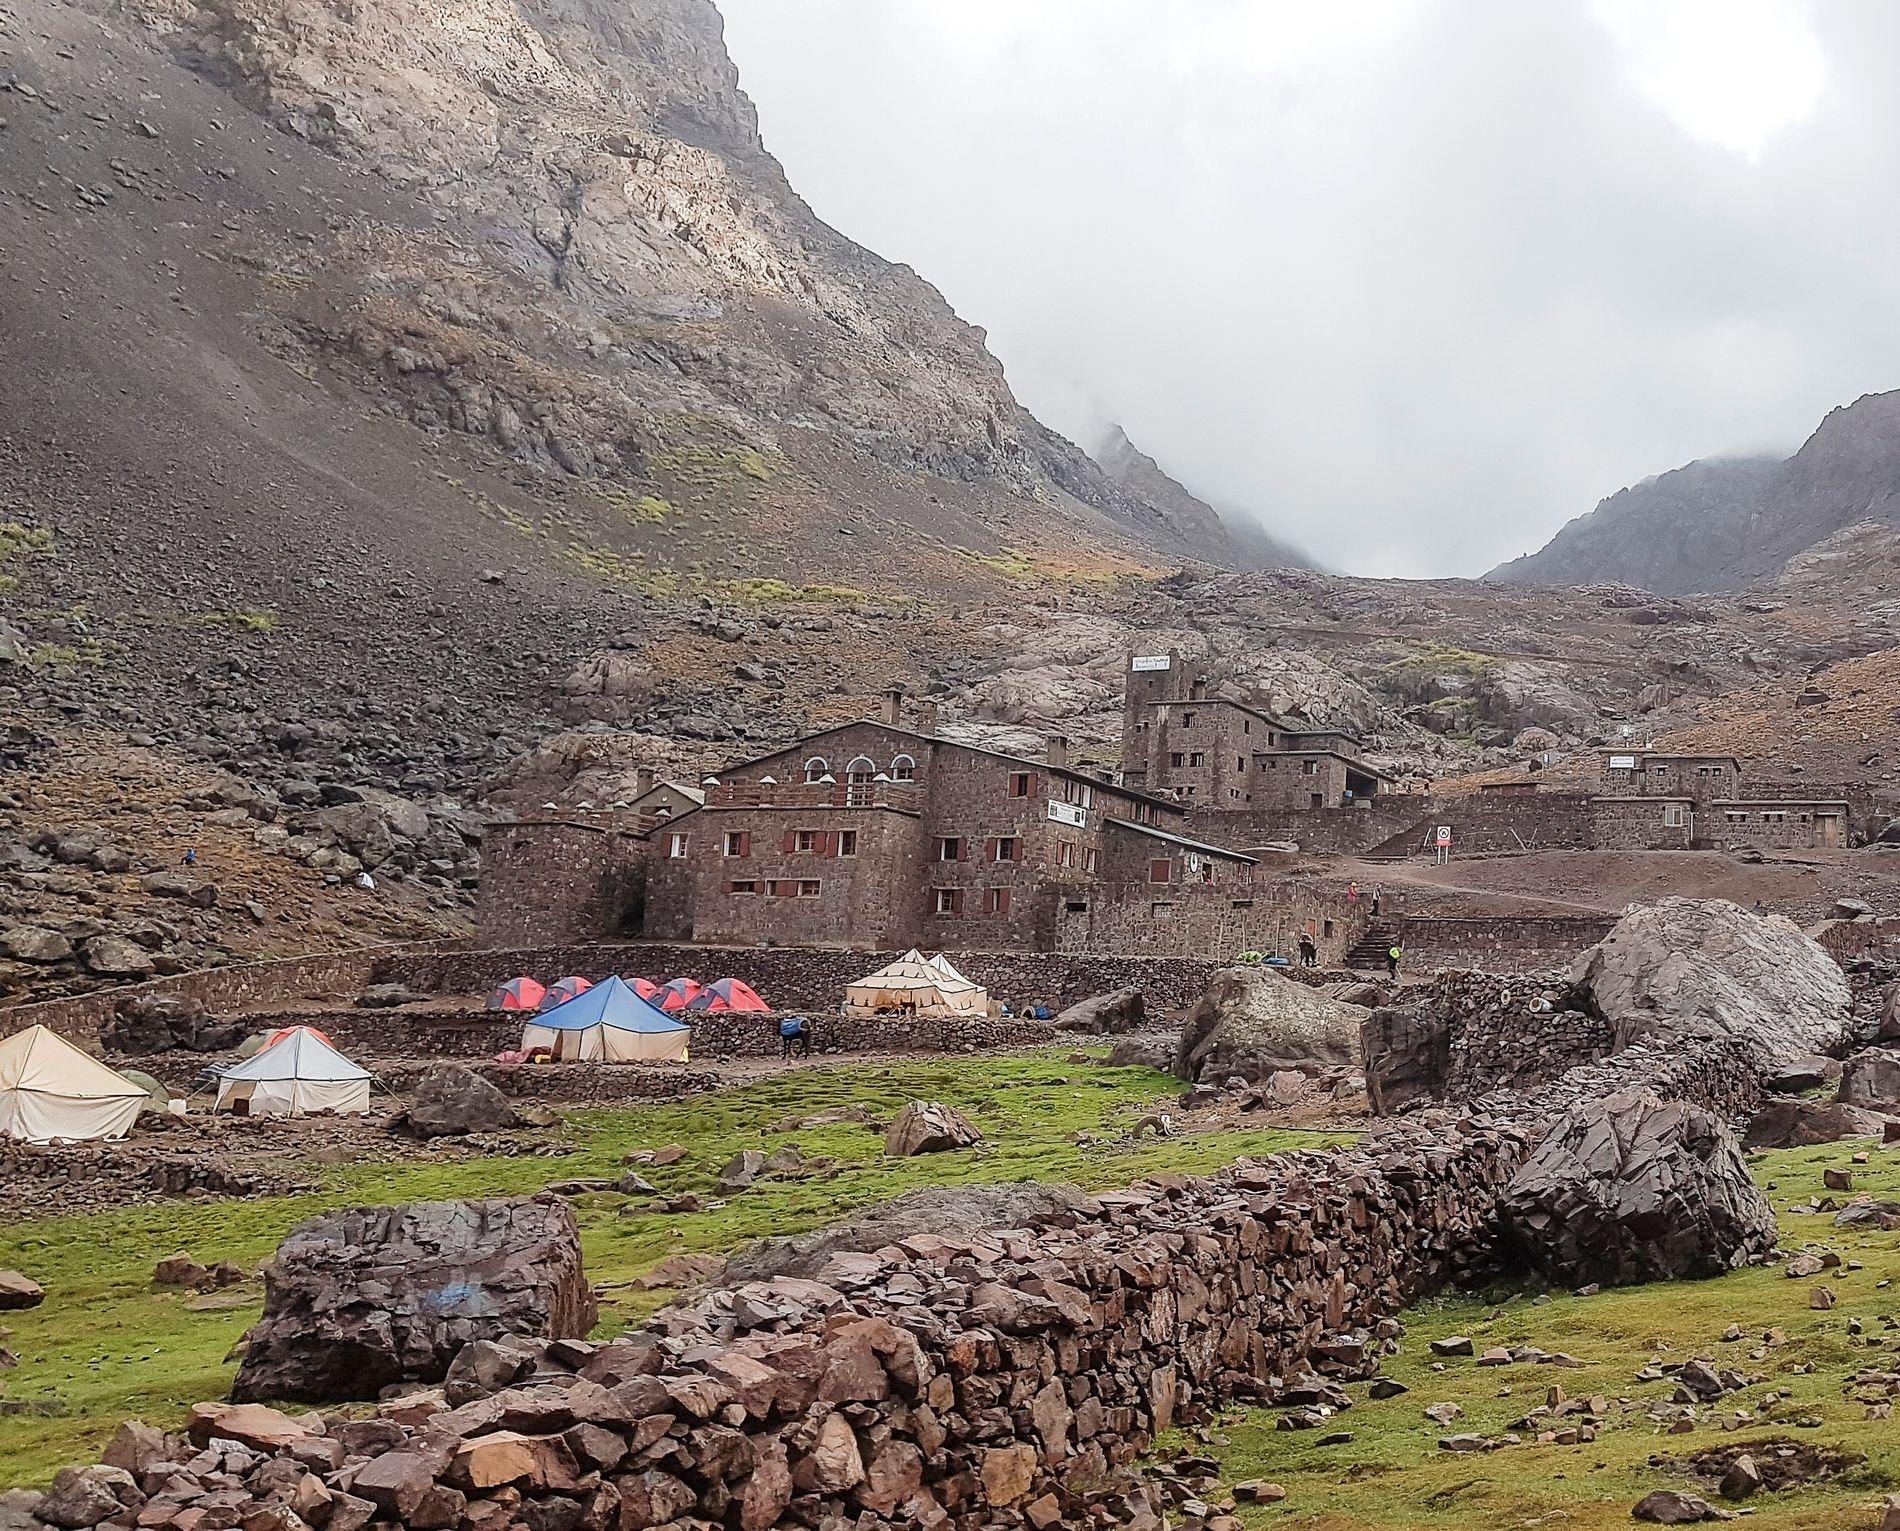 BASE CAMP: Club Alpin Français i Marokko ligger like ved stedet der kvinnene skal ha blitt funnet.